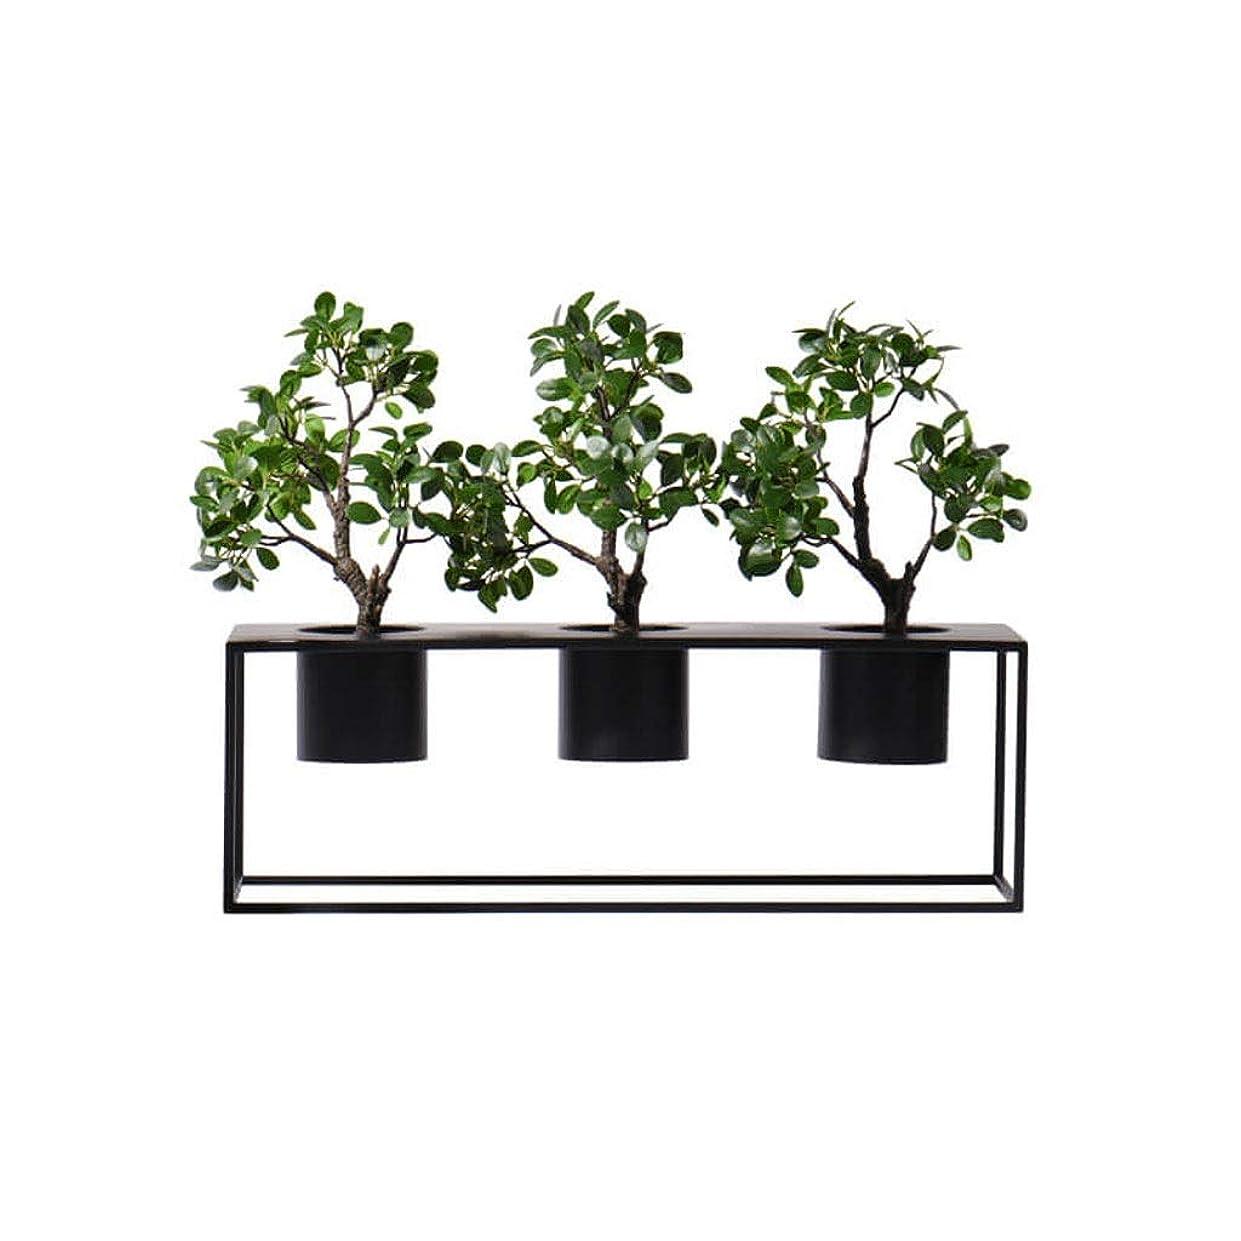 カプラー謝罪する修理可能造花 中国風のシミュレーション工場ユーカリ盆栽、レストランホテルポーチシミュレーション緑の植物鉢植え植物、人工鉢植えシミュレーション草